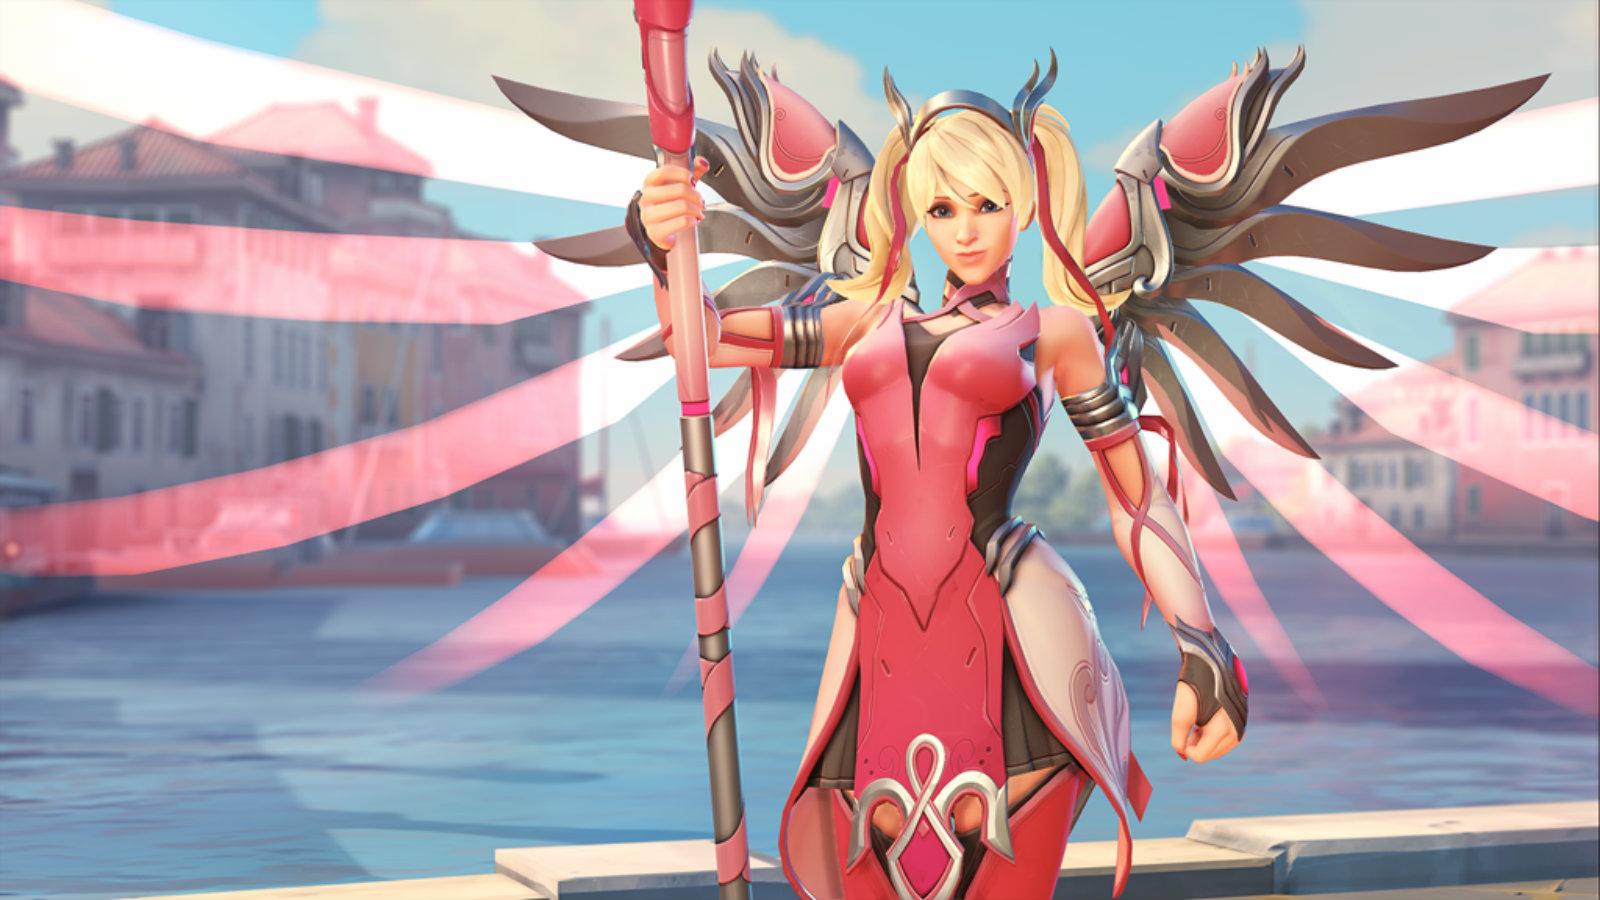 Pink Mercy Overwatch skin